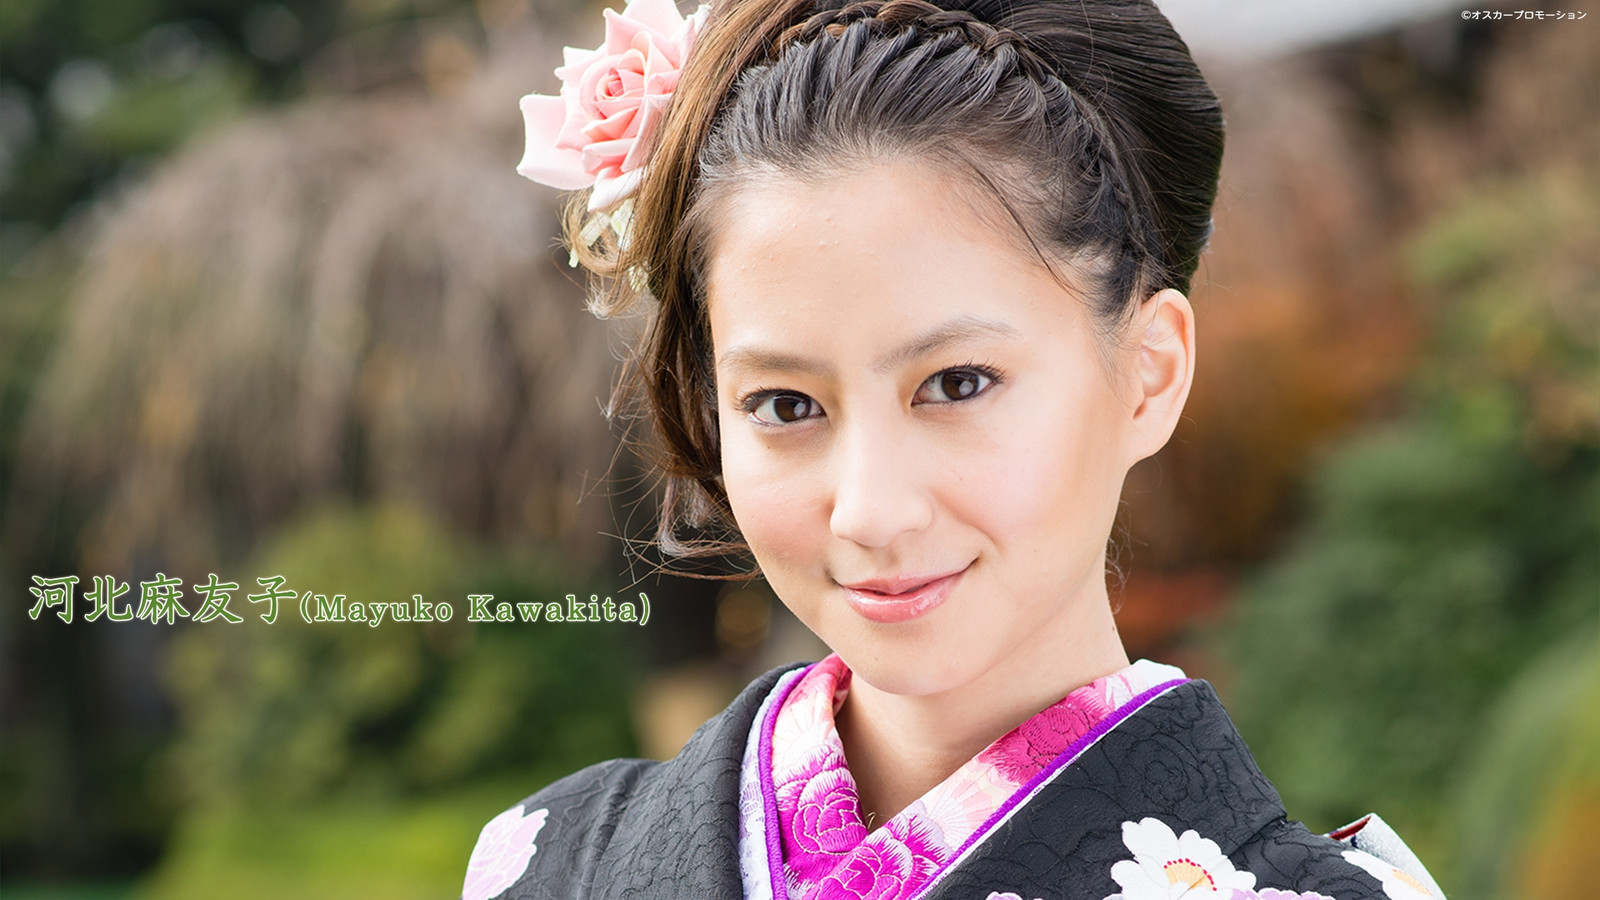 kawakita_mayuko007.jpg